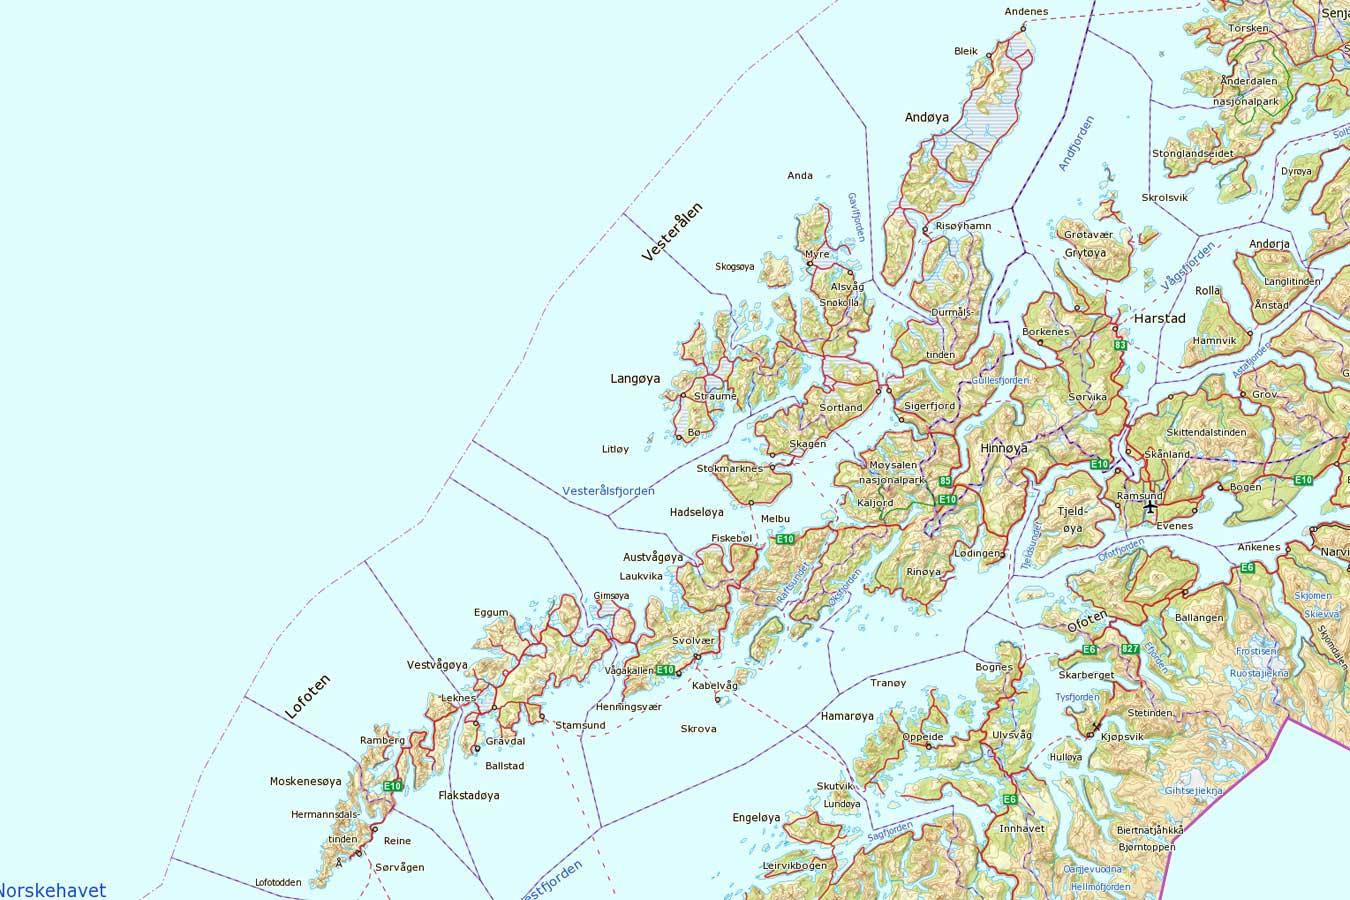 lofoten og vesterålen kart Disse gikk konkurs i Lofoten og Vesterålen | LoVe24.no lofoten og vesterålen kart